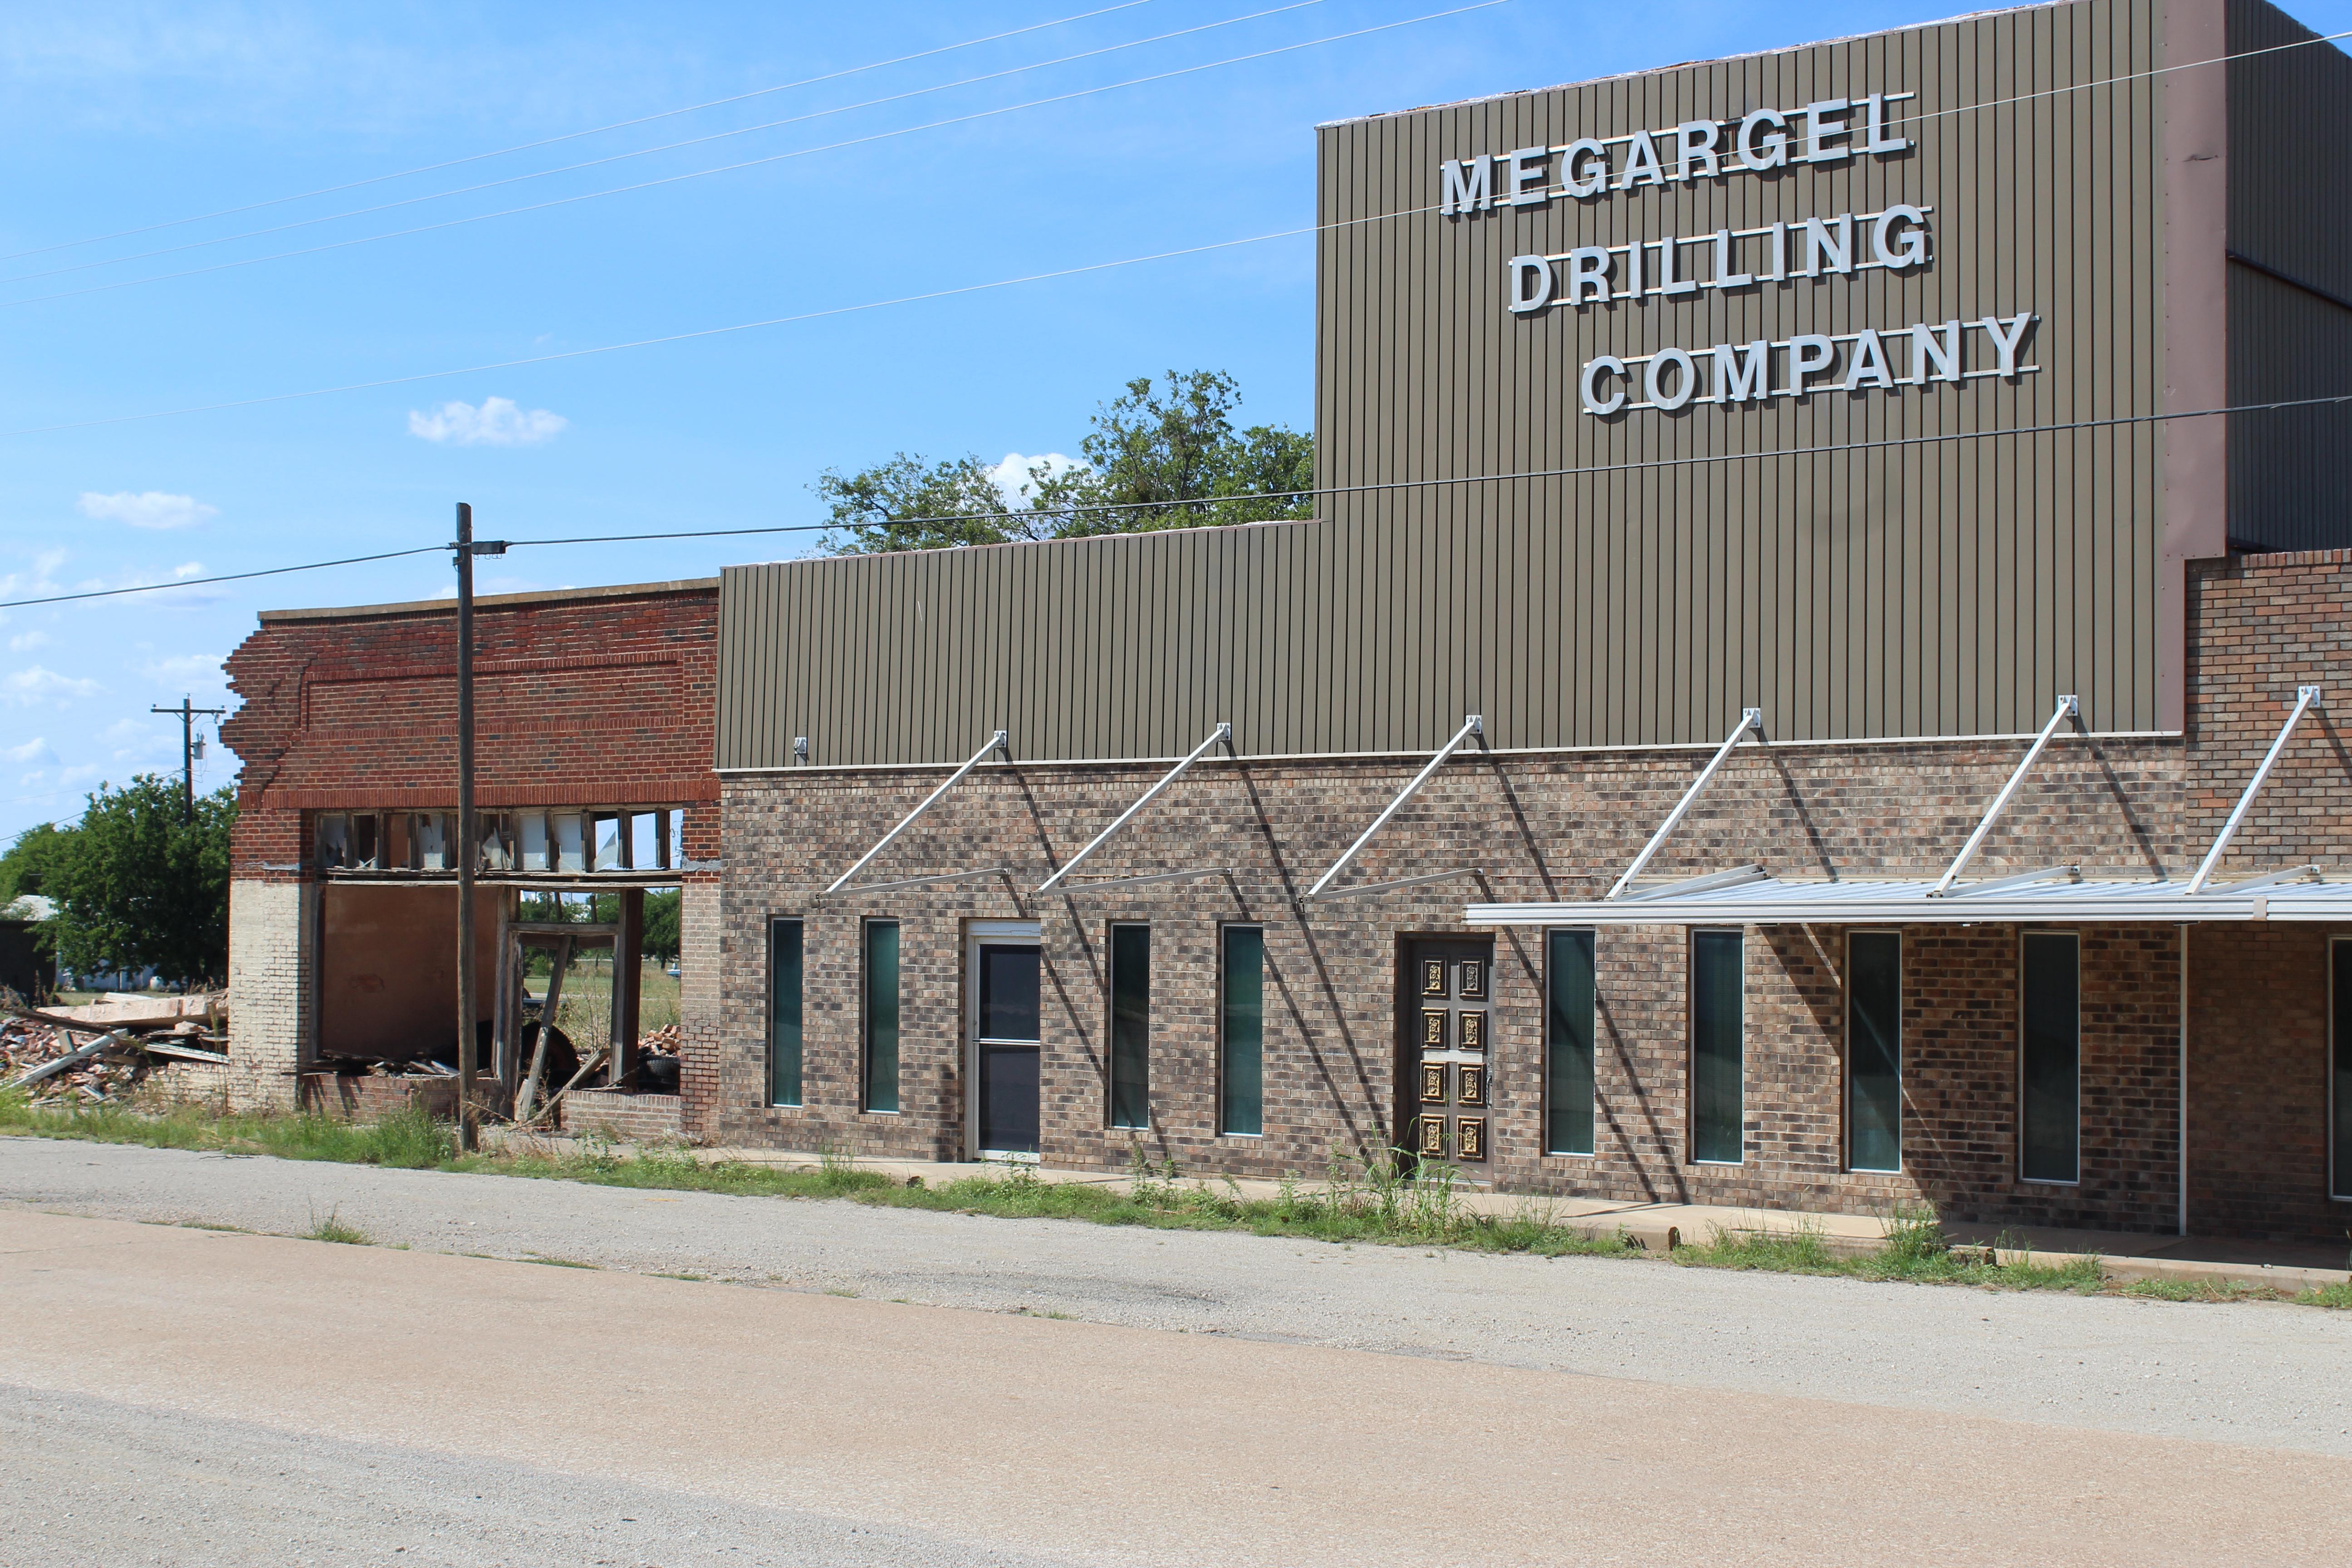 Megargal drilling company